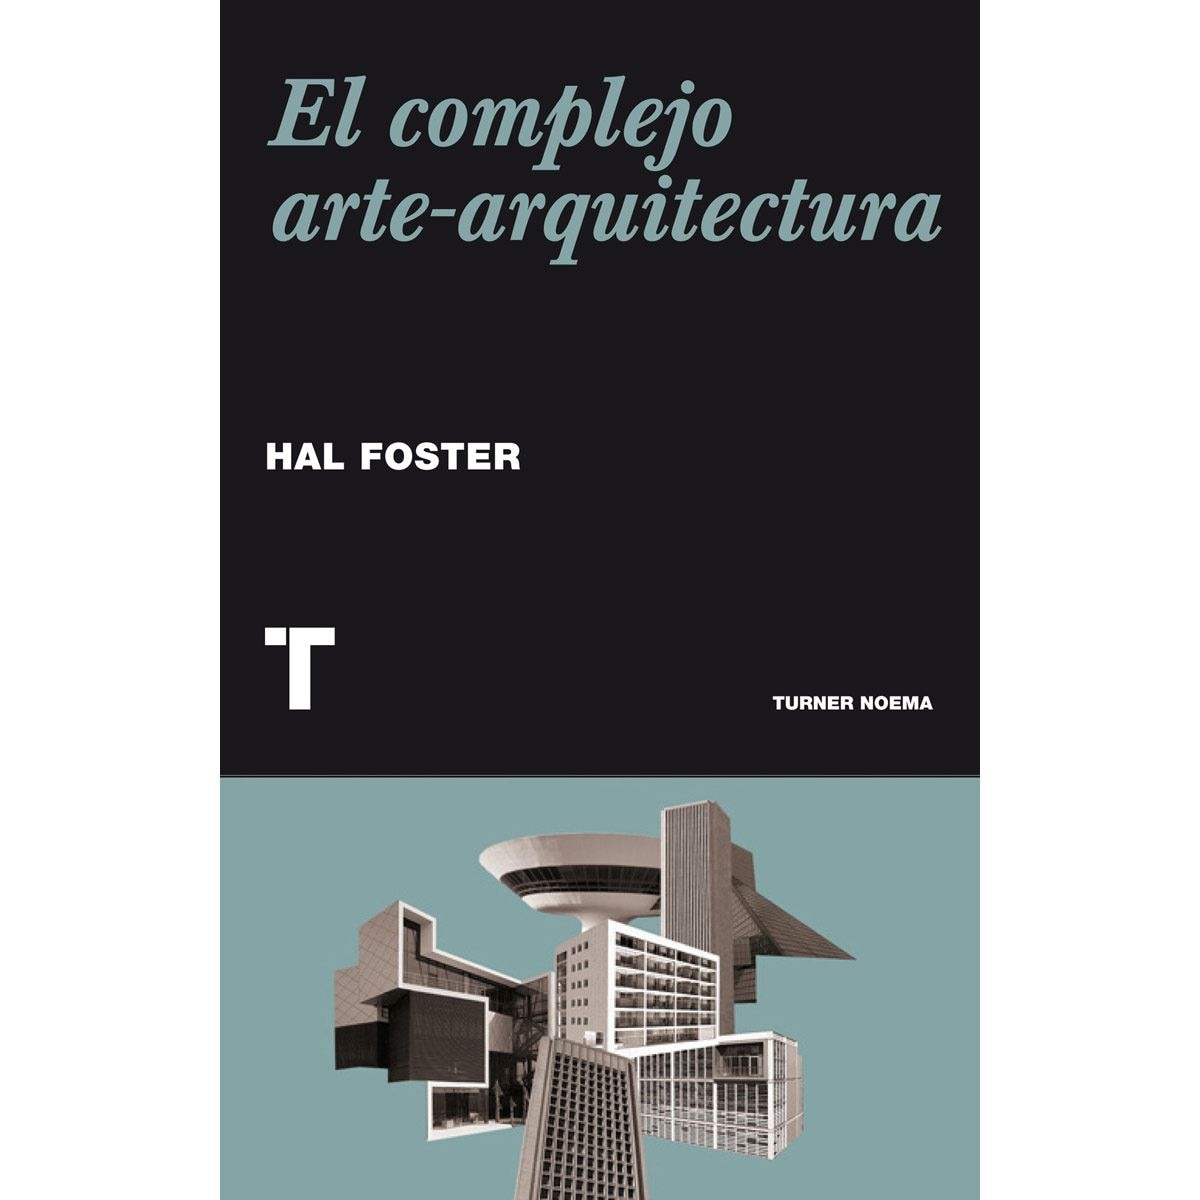 Complejo arte-arquitectura, El